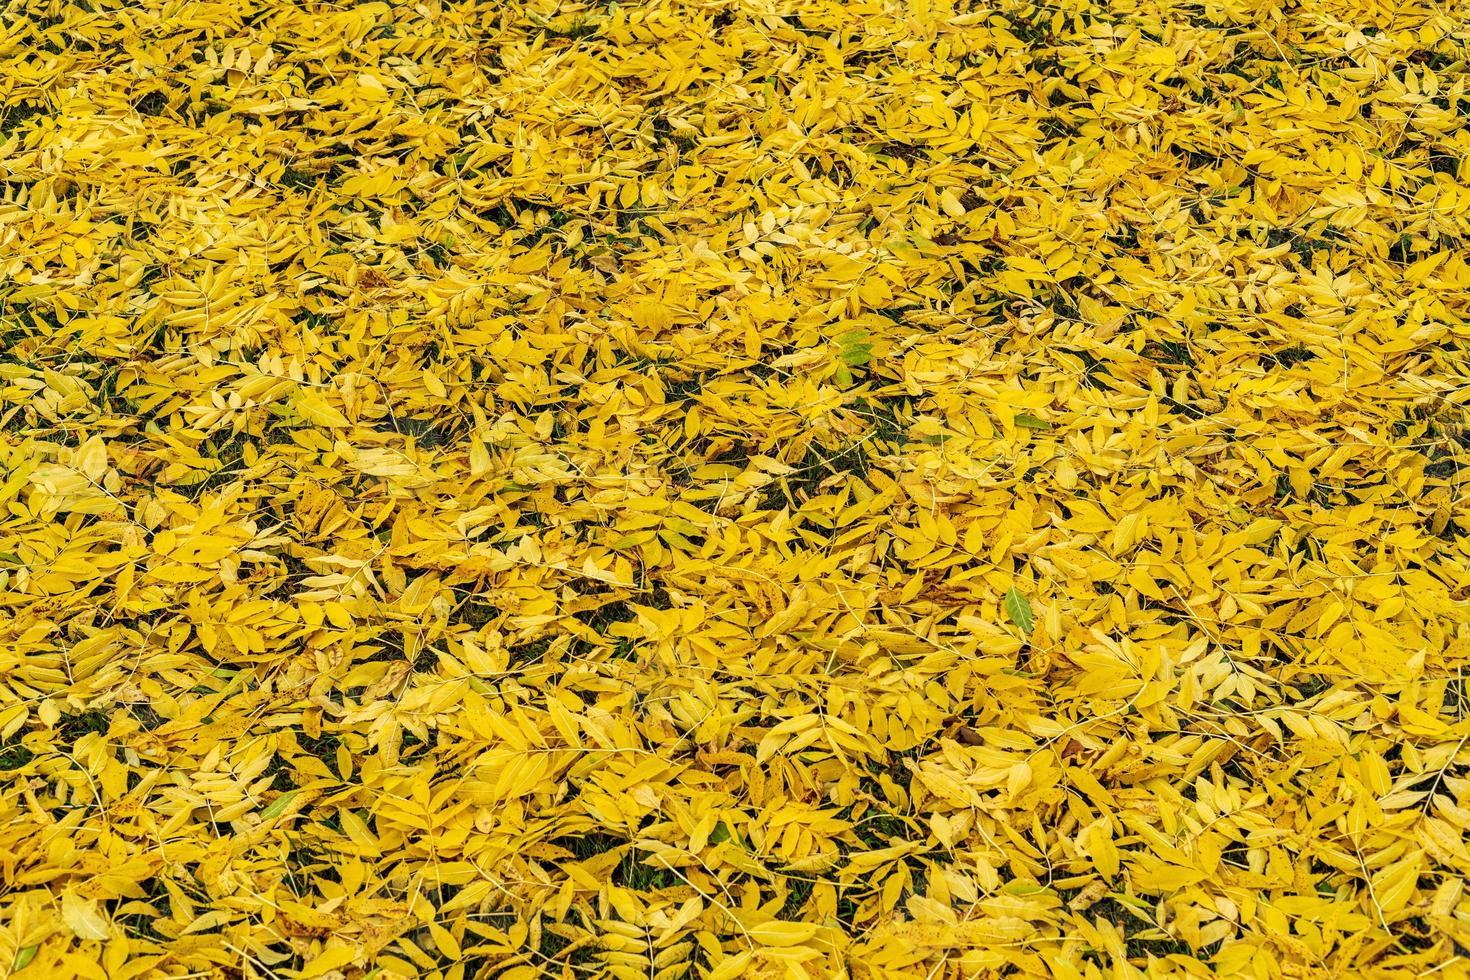 sol rempli de feuilles de frêne jaune vif photo